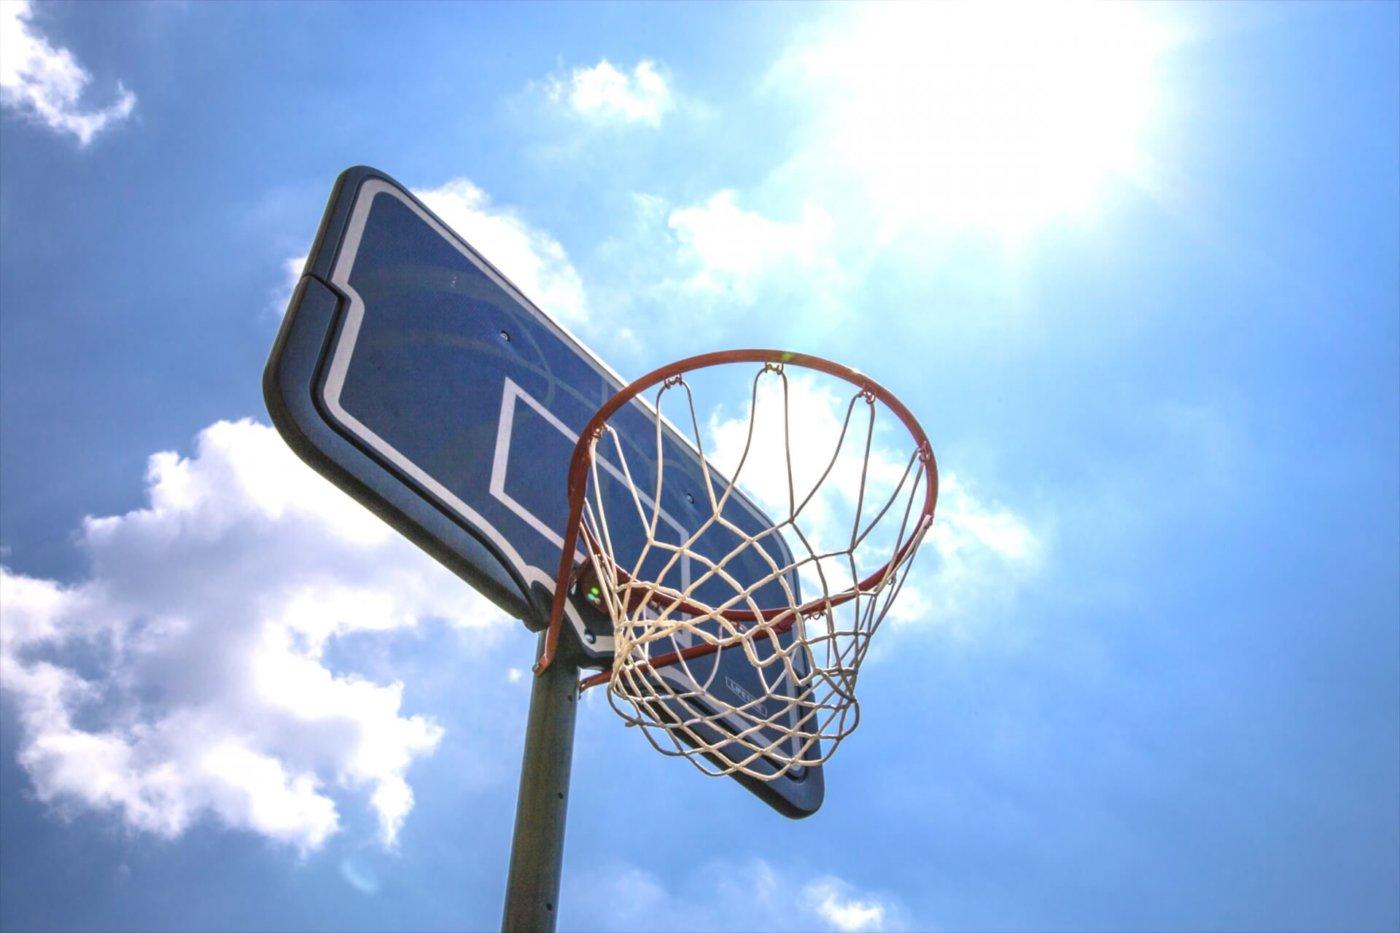 バスケ初心者も納得できるバスケのあれこれーバスケのコートやルールなど